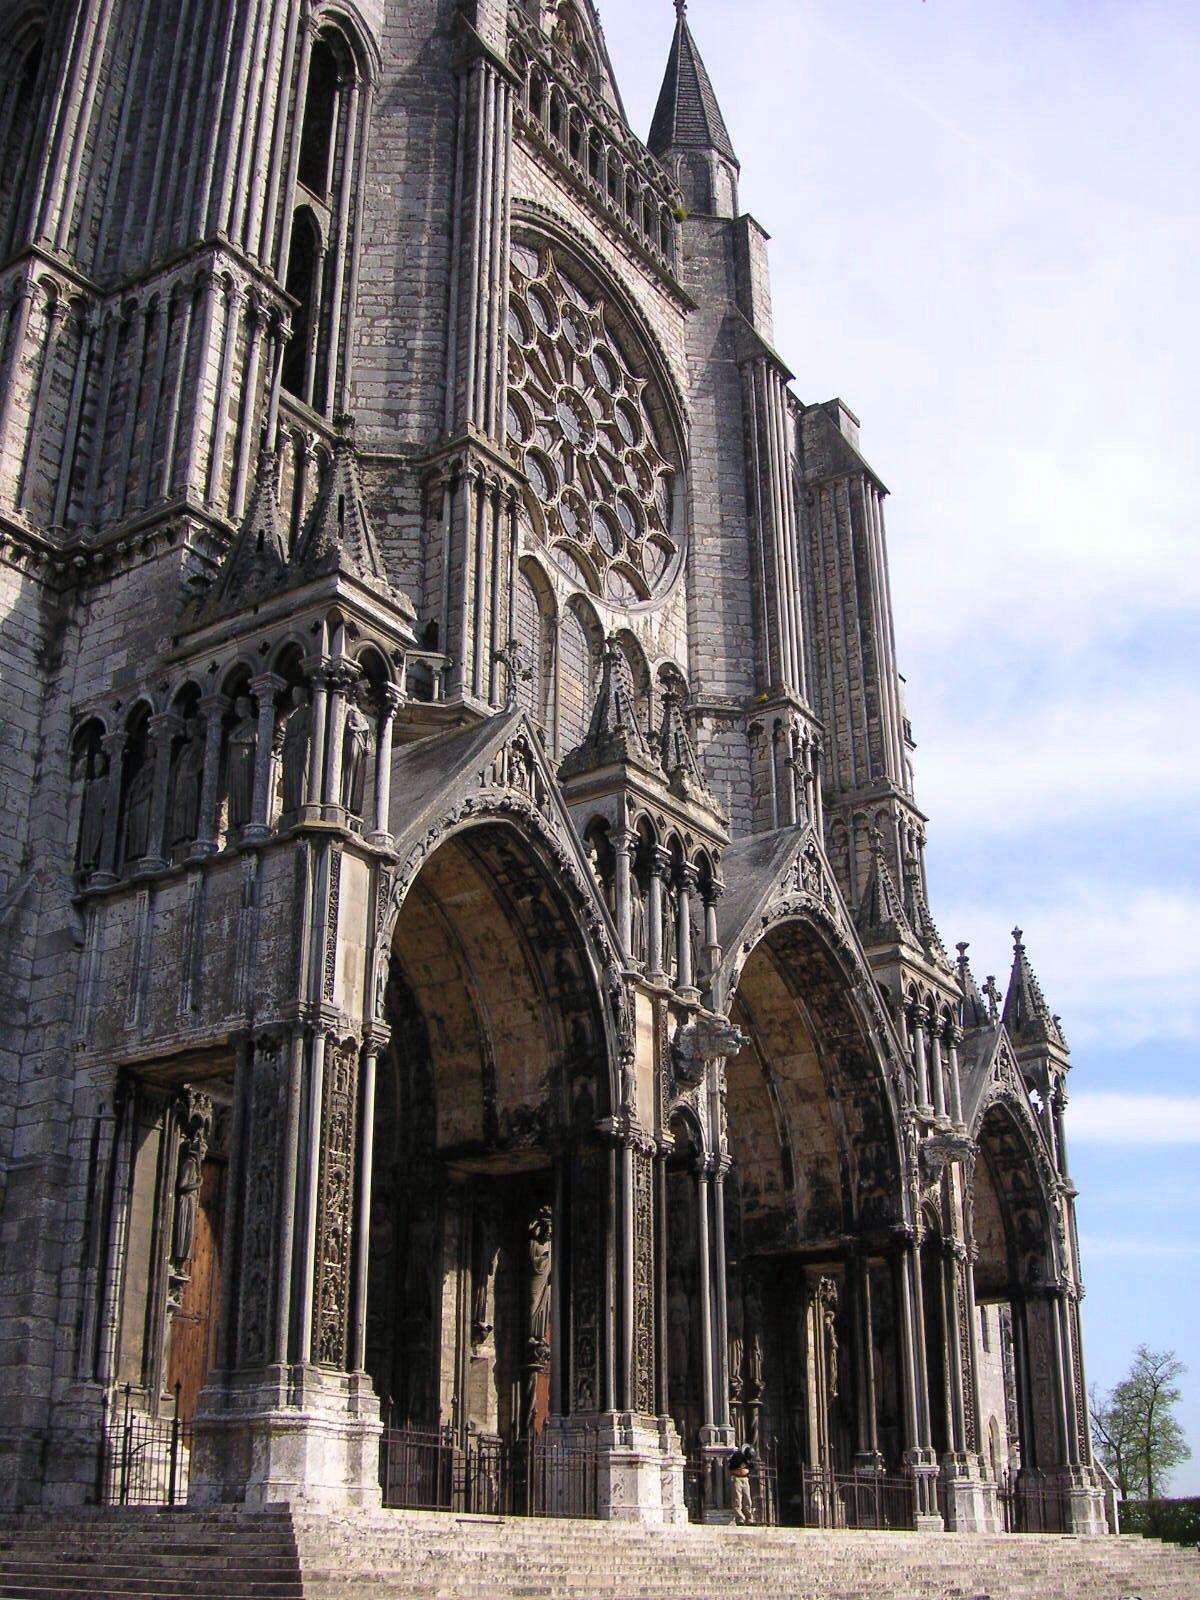 Fachada Sul da Catedral de Notre-Dame de Chartes. A catedral foi uma das primeiras a serem construídas com estilo gótico durante o século XII na França e em todo o Continente Europeu / http://commons.m.wikimedia.org/wiki/File:Chartres_Cathedral_020_south_facade_TTaylor.JPG